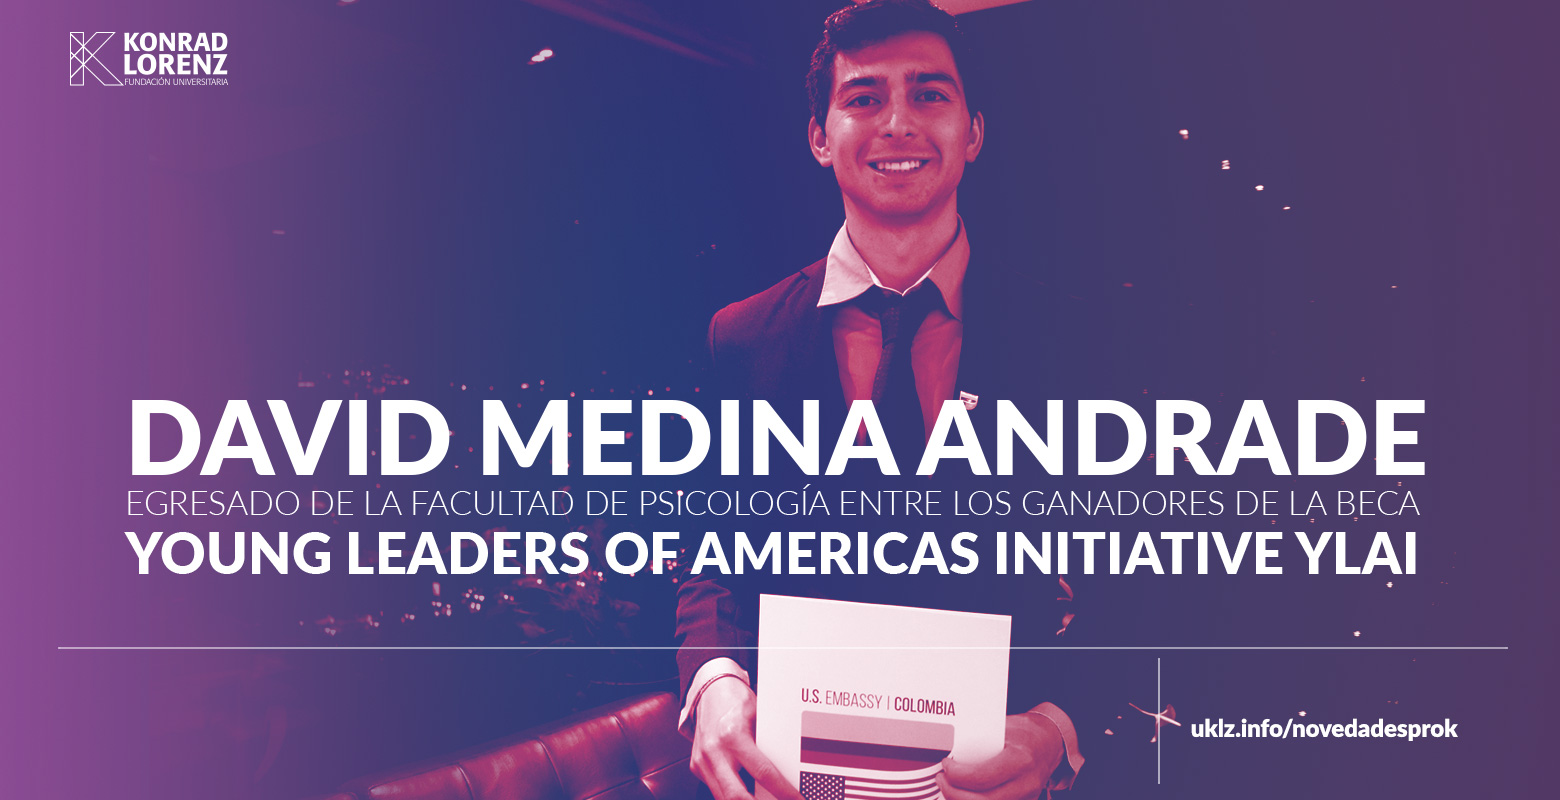 David Medina, egresado de la Facultad de Psicología entre los ganadores de la beca Young Leaders of Americas Initiative YLAI